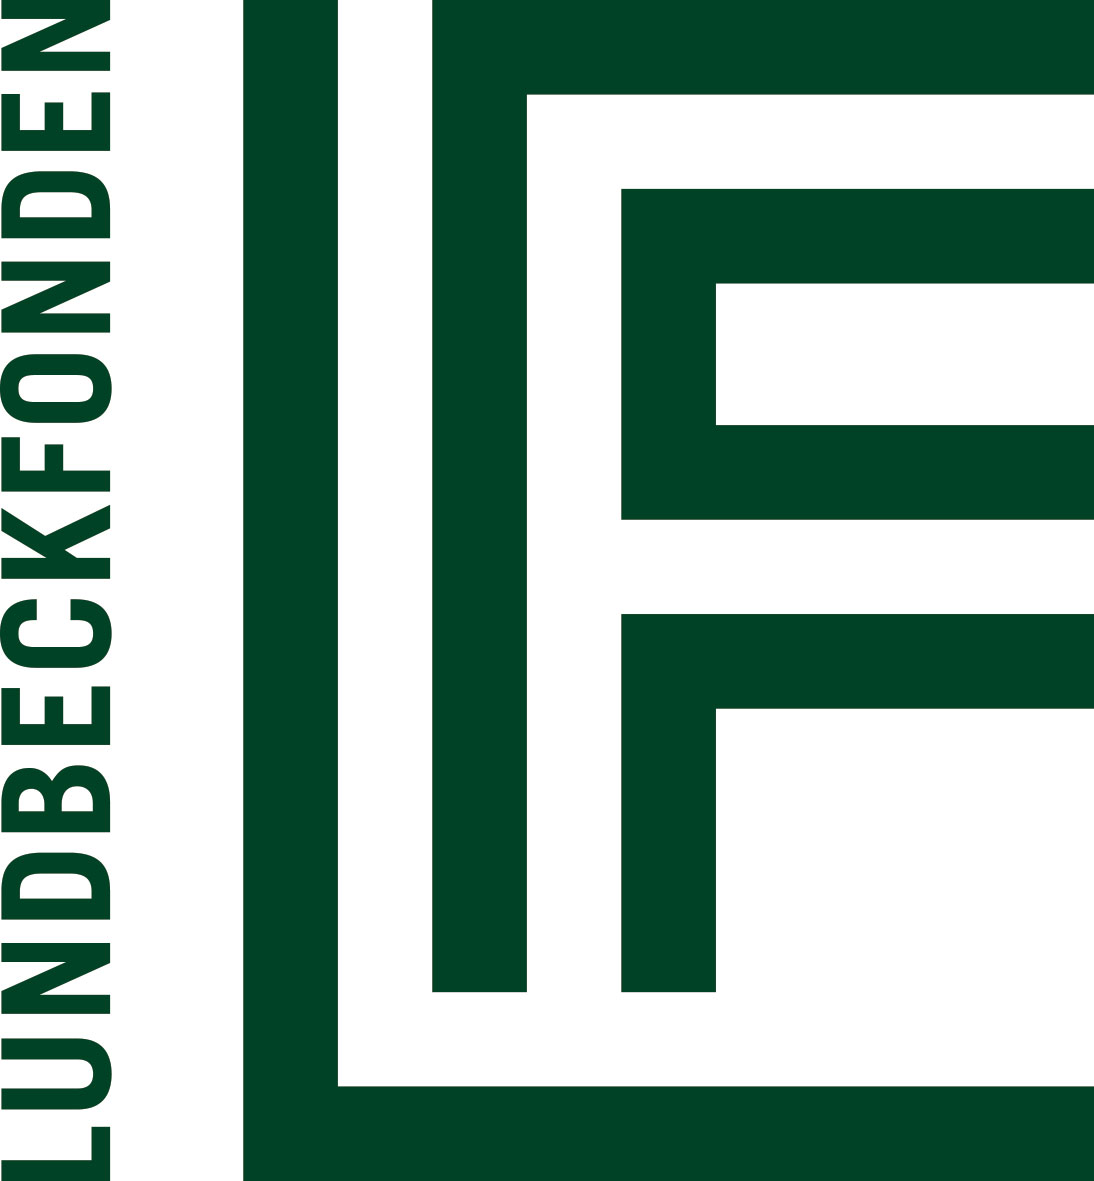 Lundbeck Foundation logo